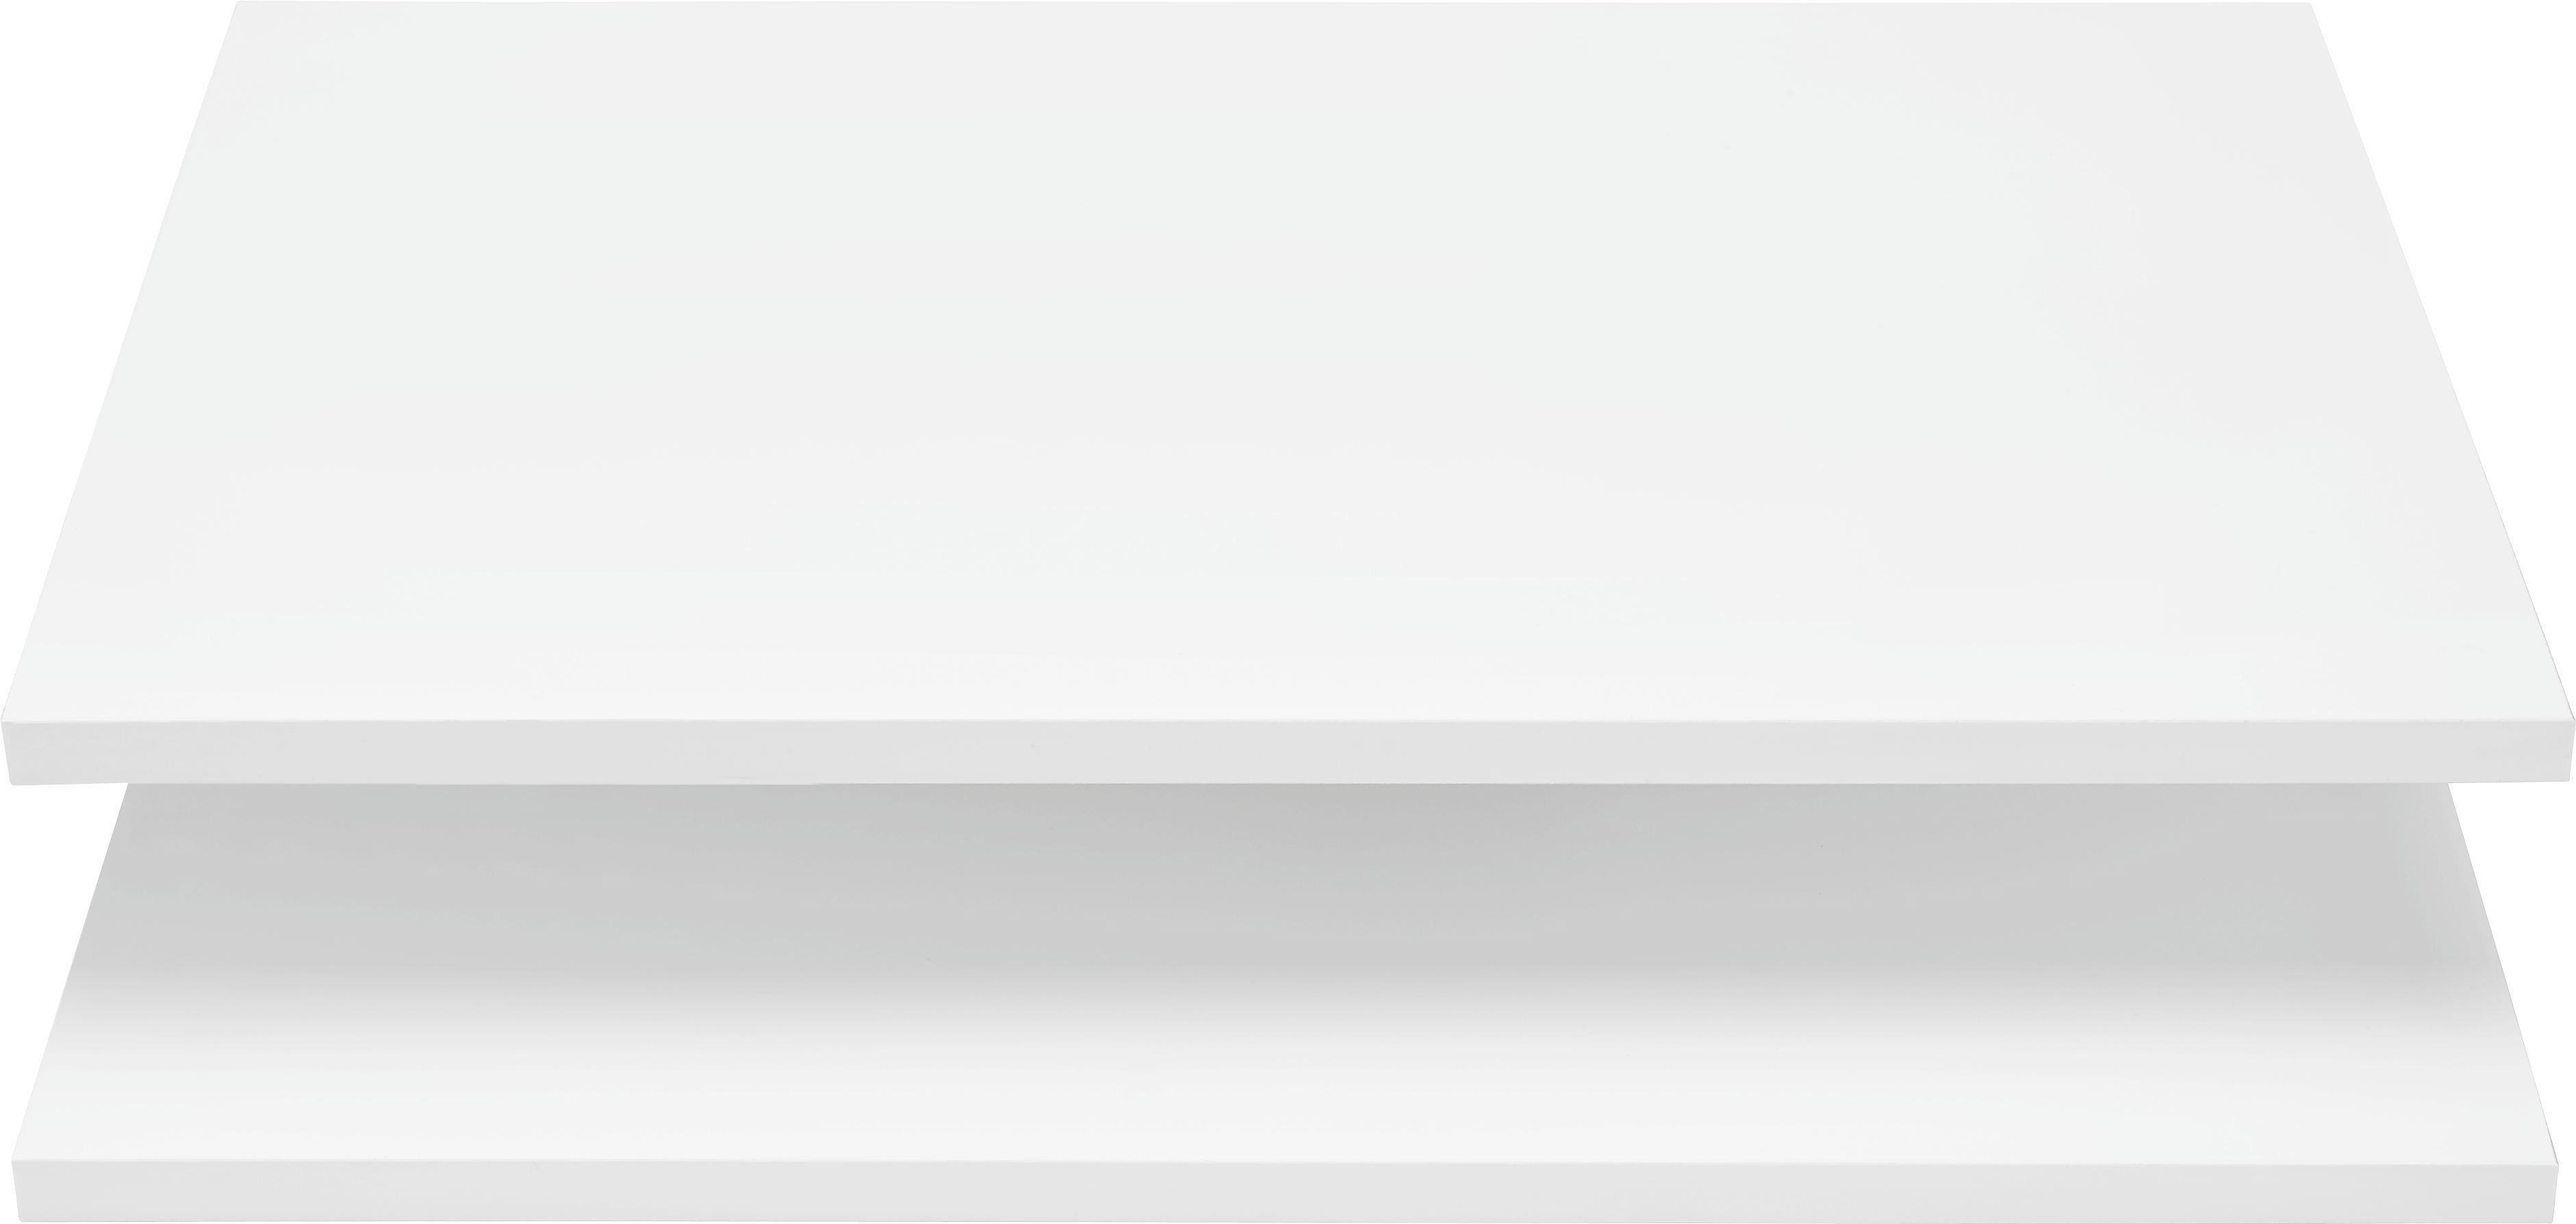 Einlegebodenset in Weiß, 2er Set - Weiß, Holzwerkstoff (52/1,6/34cm) - MÖMAX modern living